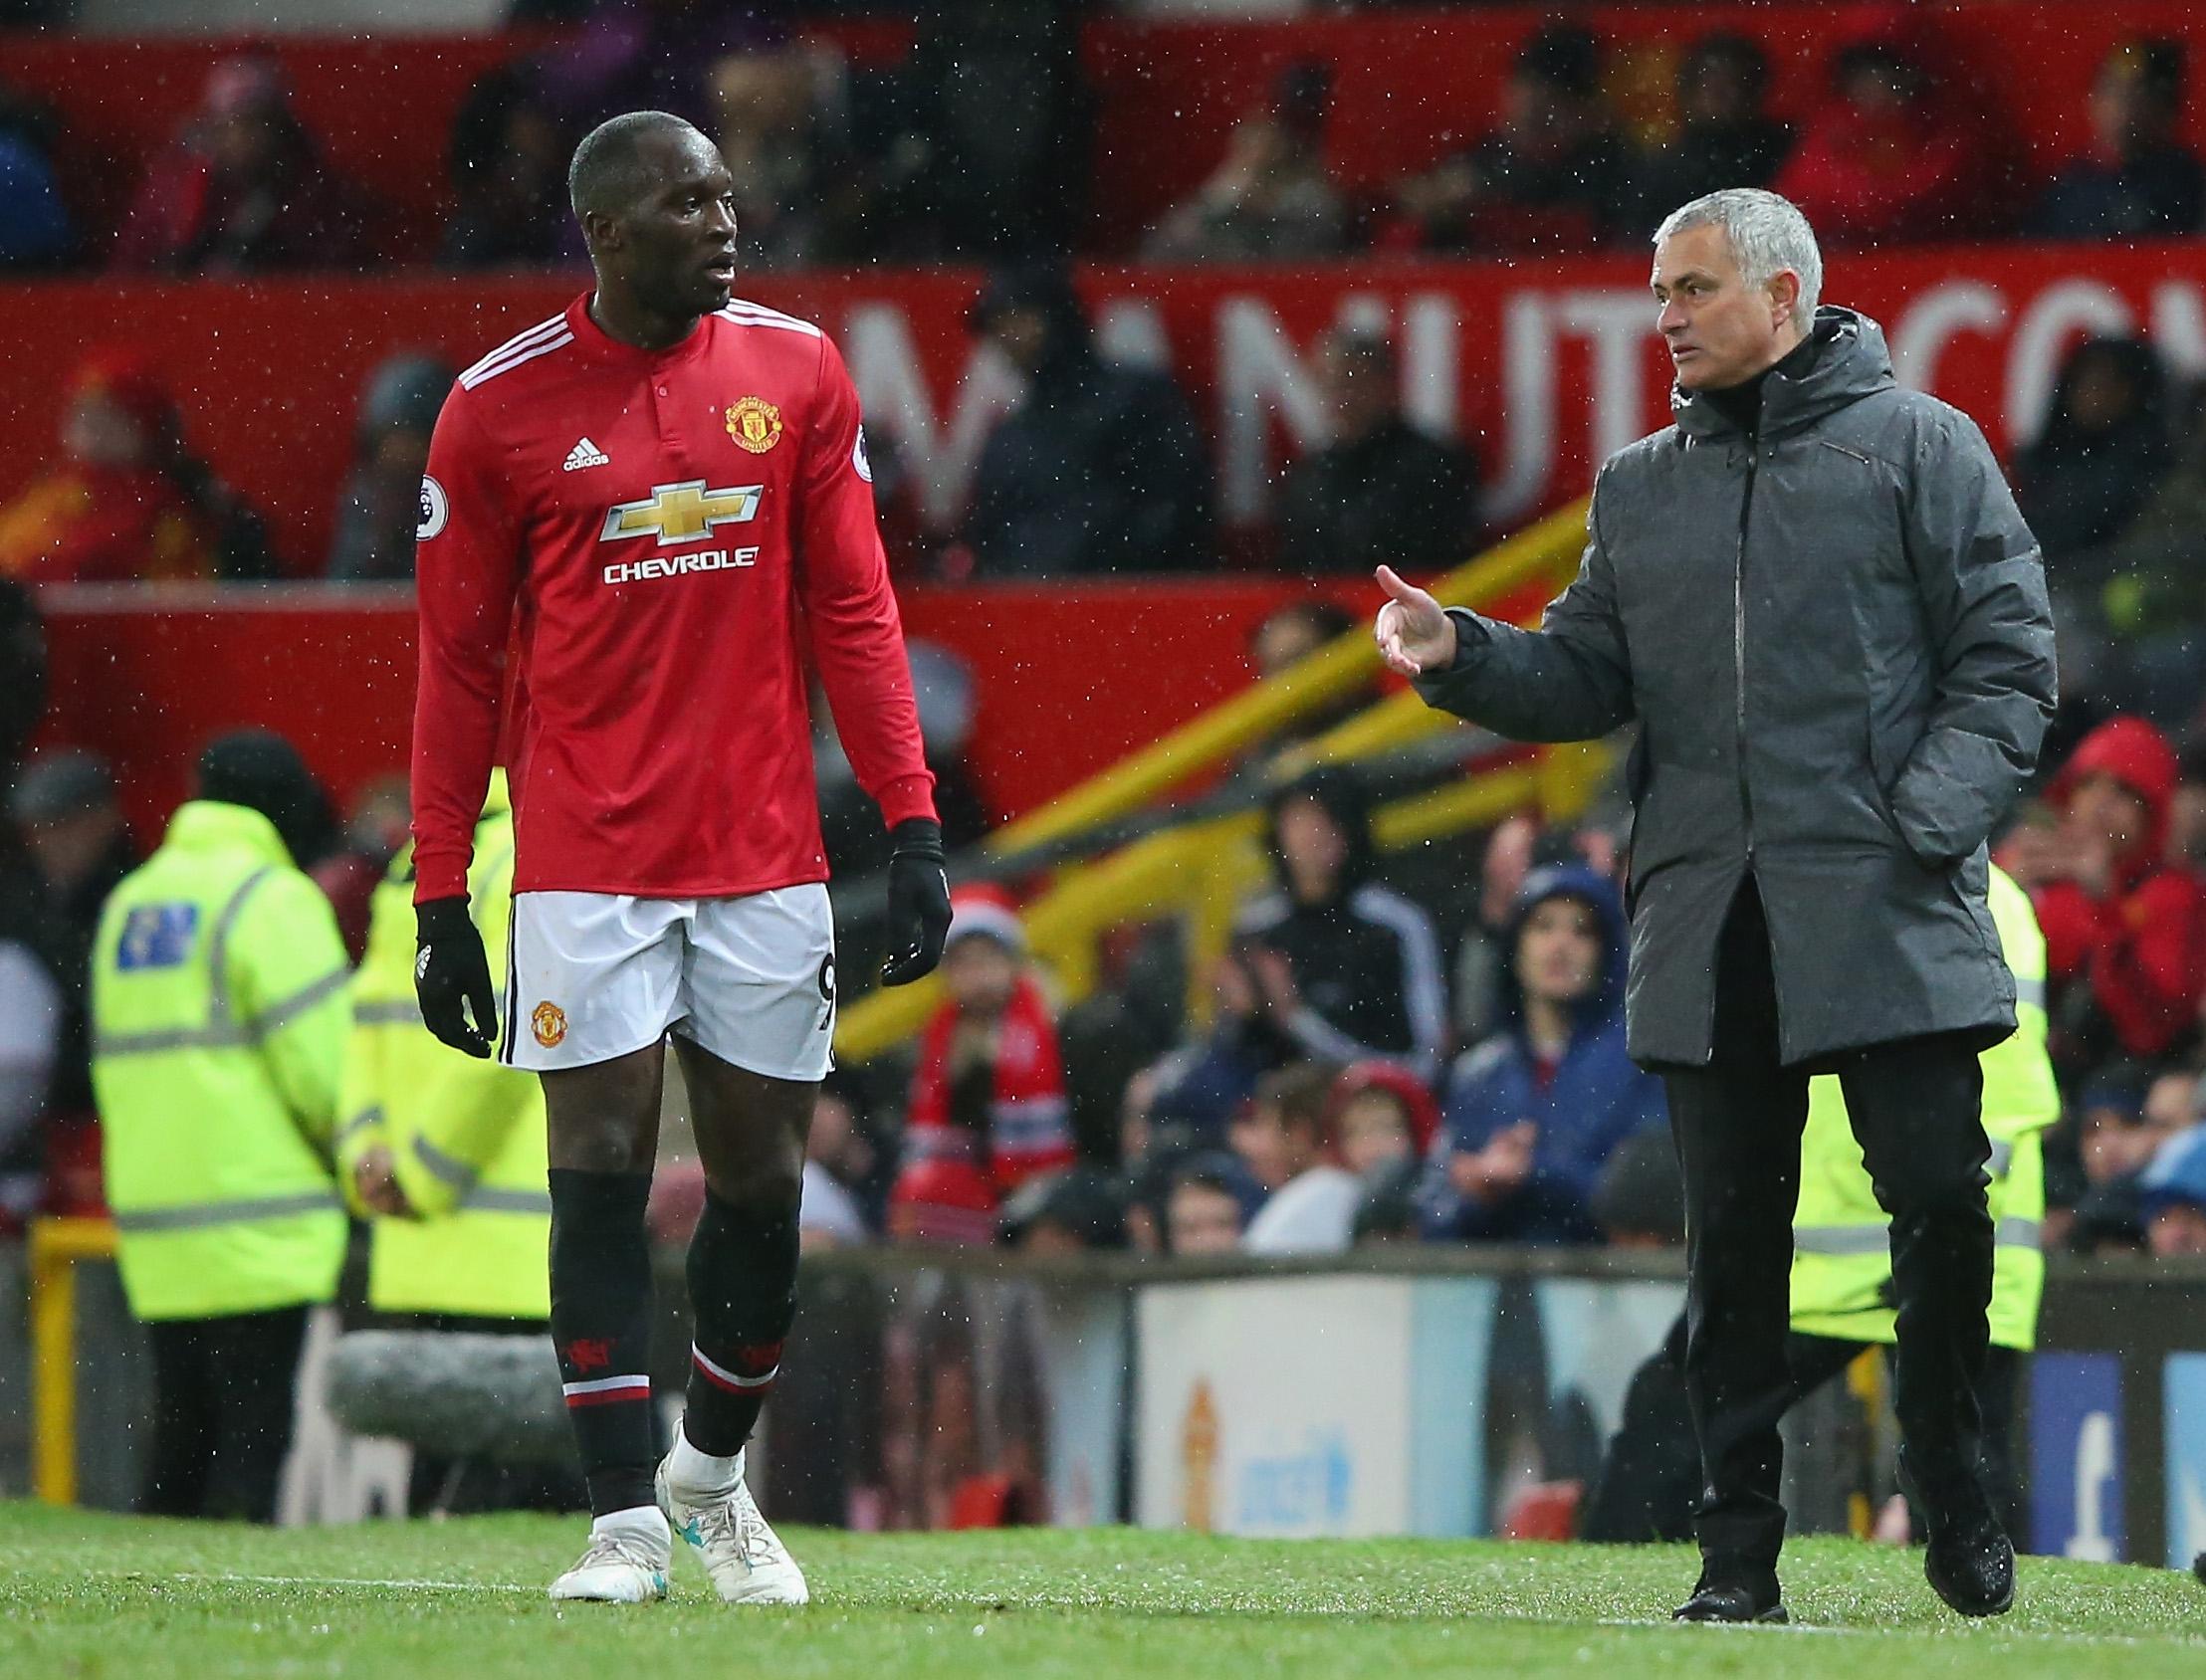 Мениджърът на Манчестър Юнайтед Жозе Моуриньо отново не остана доволен